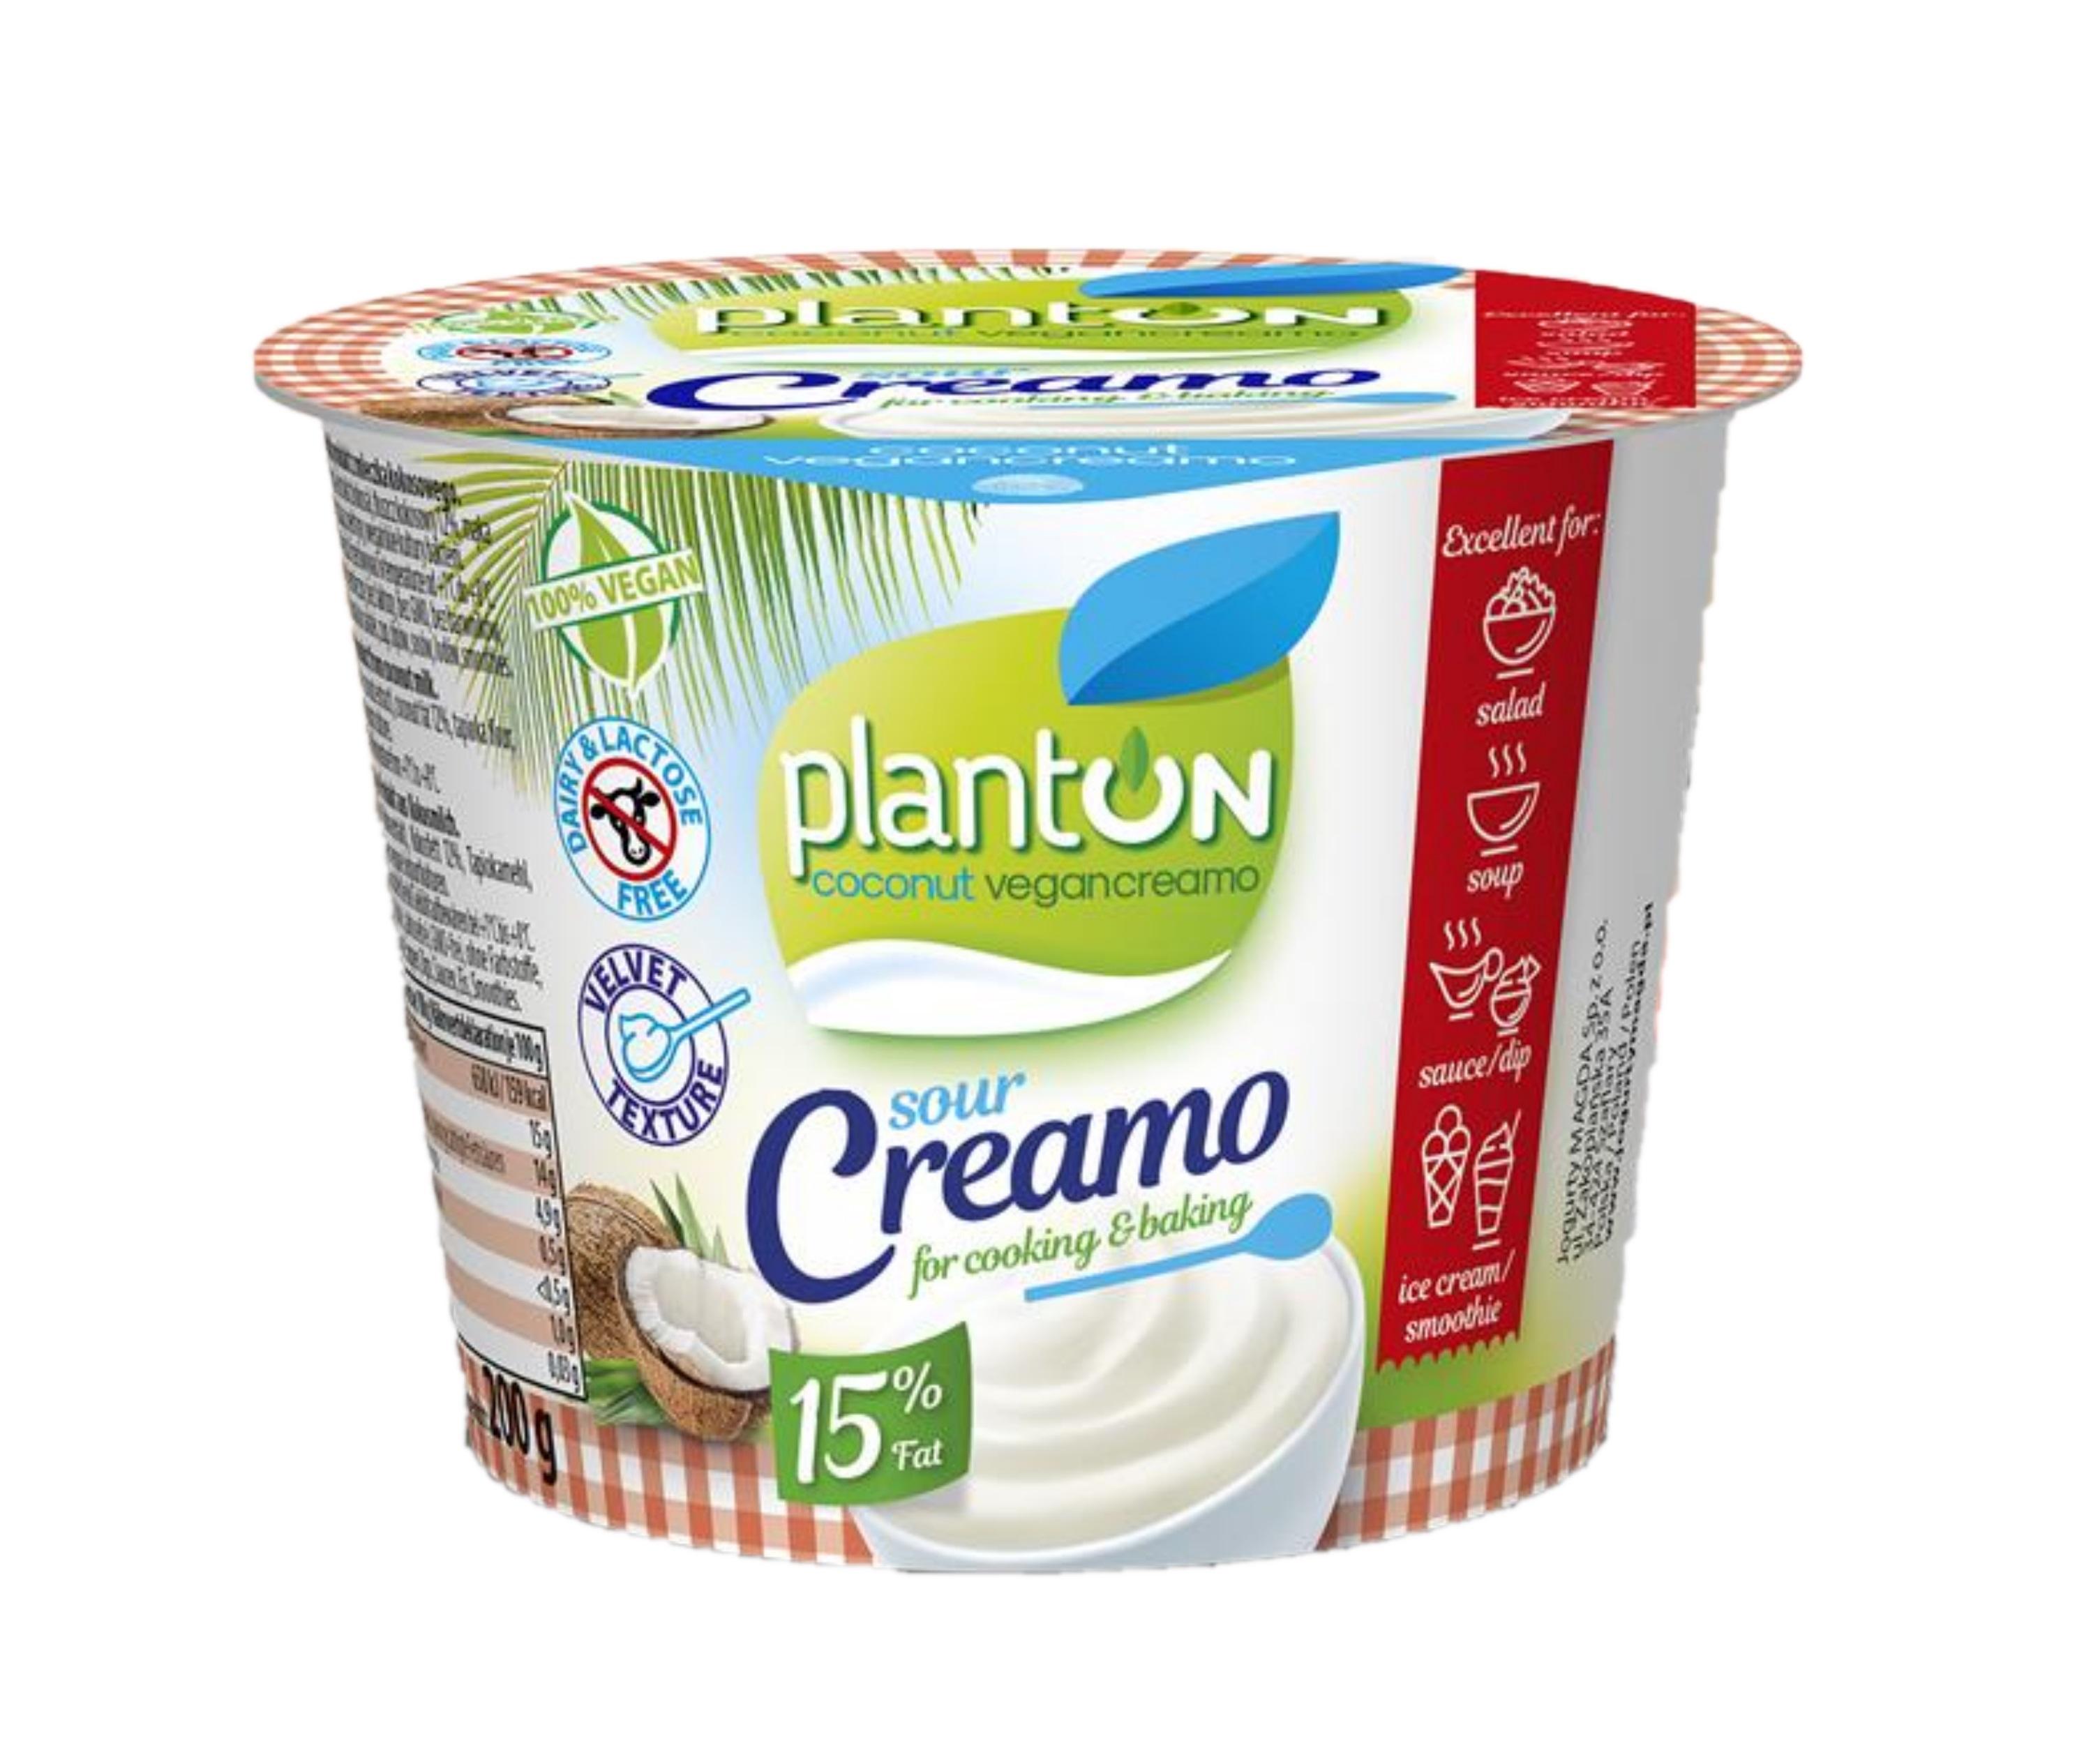 Wegańska śmietana Planton Sour Creamo (4,99 zł/ 200 g/ 1 opak.)